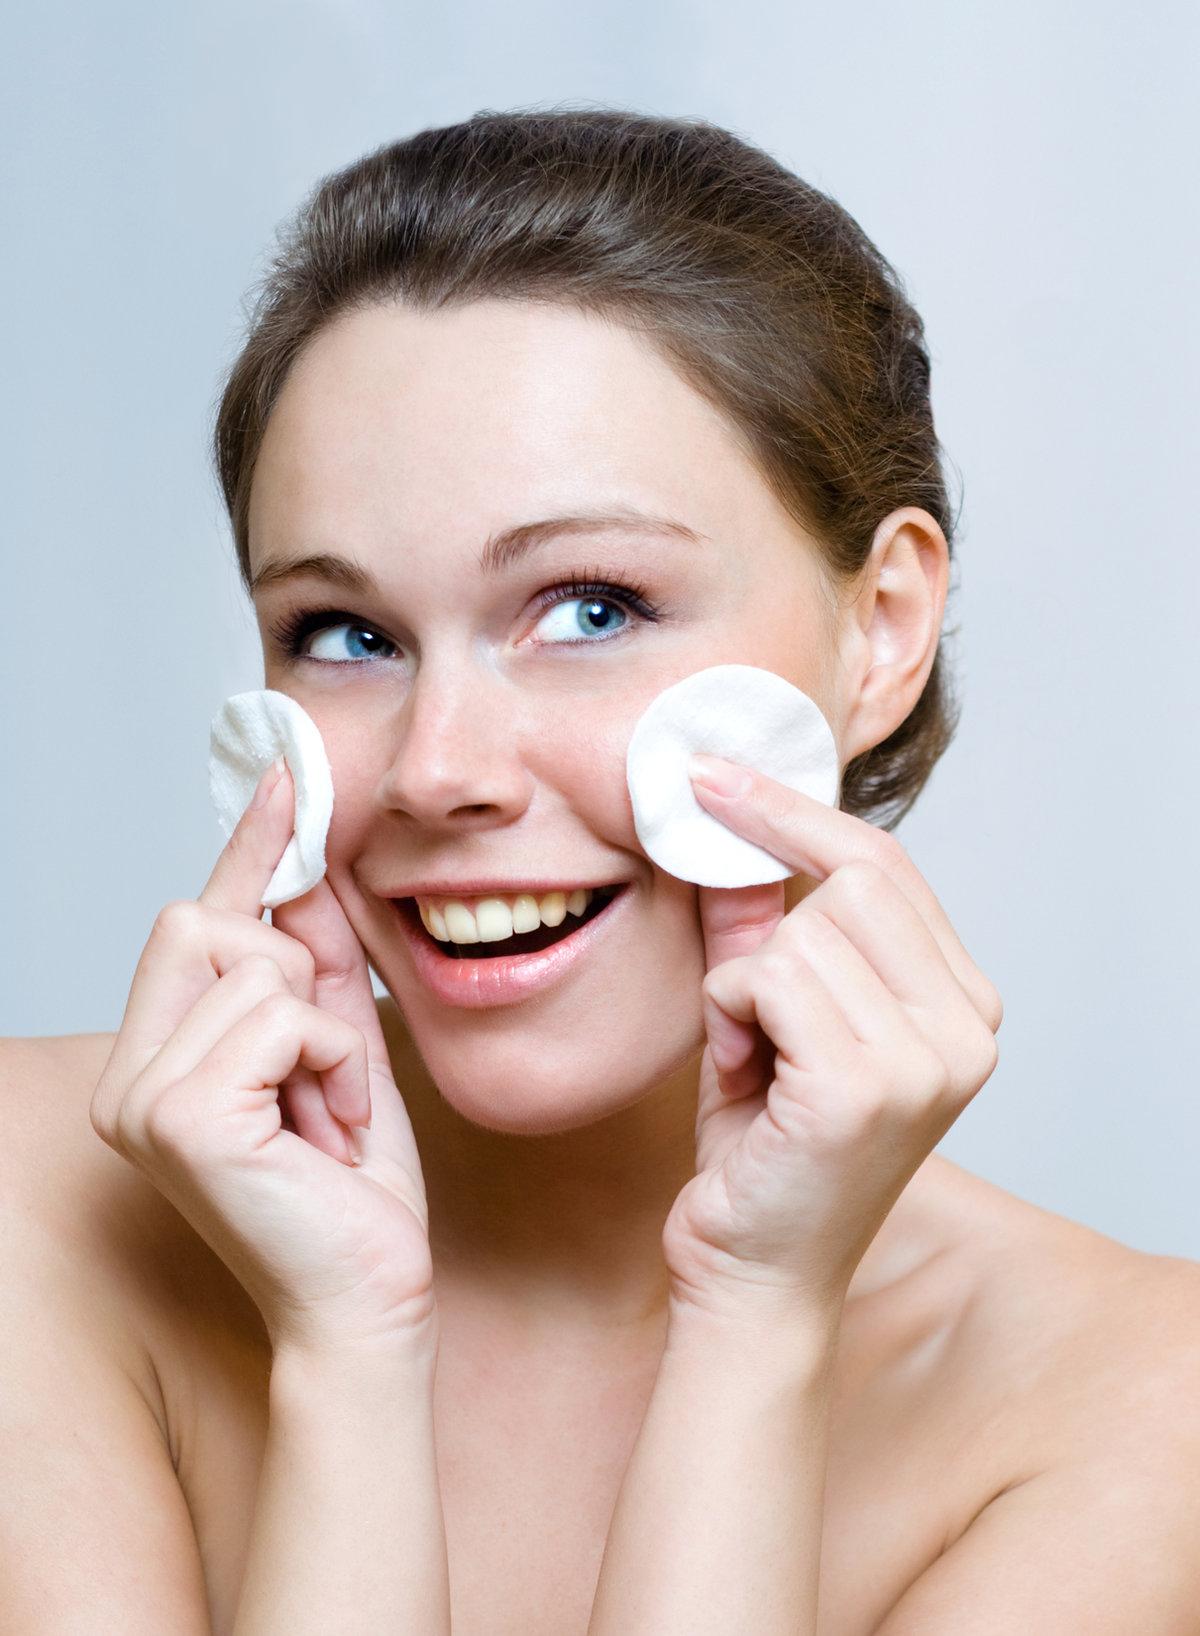 Что такое тоник для лица – и какой самый лучший для нормальной и комбинированной кожи, рейтинг и отзывы косметологов – 9 лучших